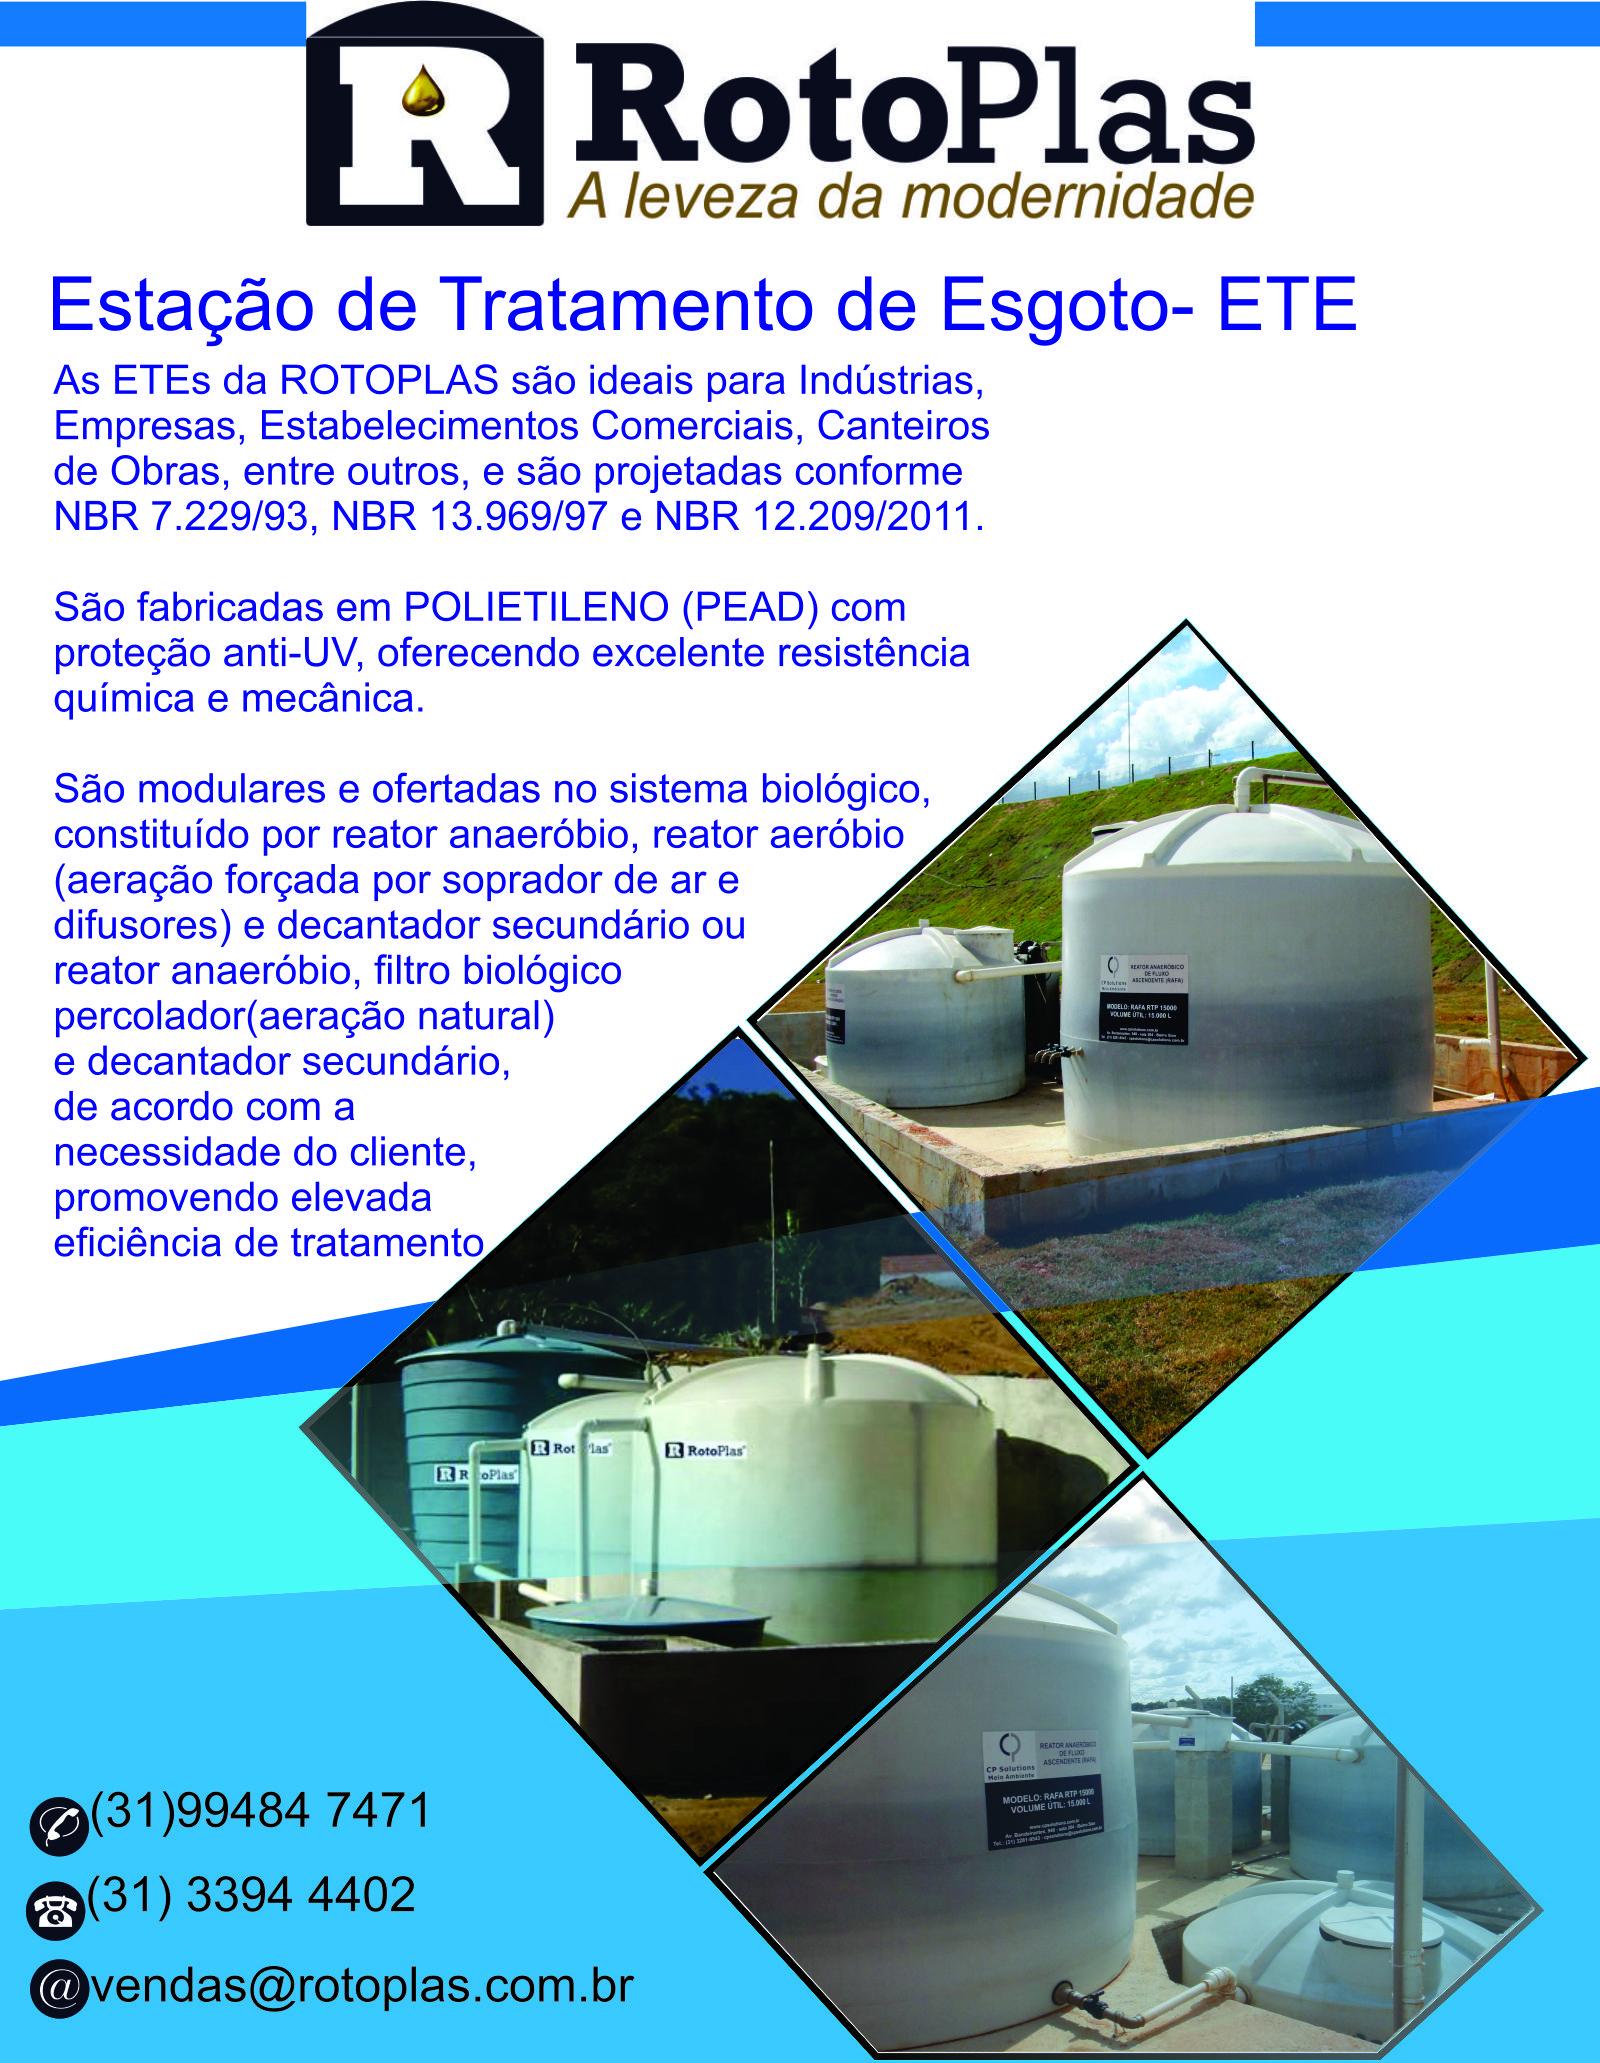 Estação de tratamento de esgoto-ETE